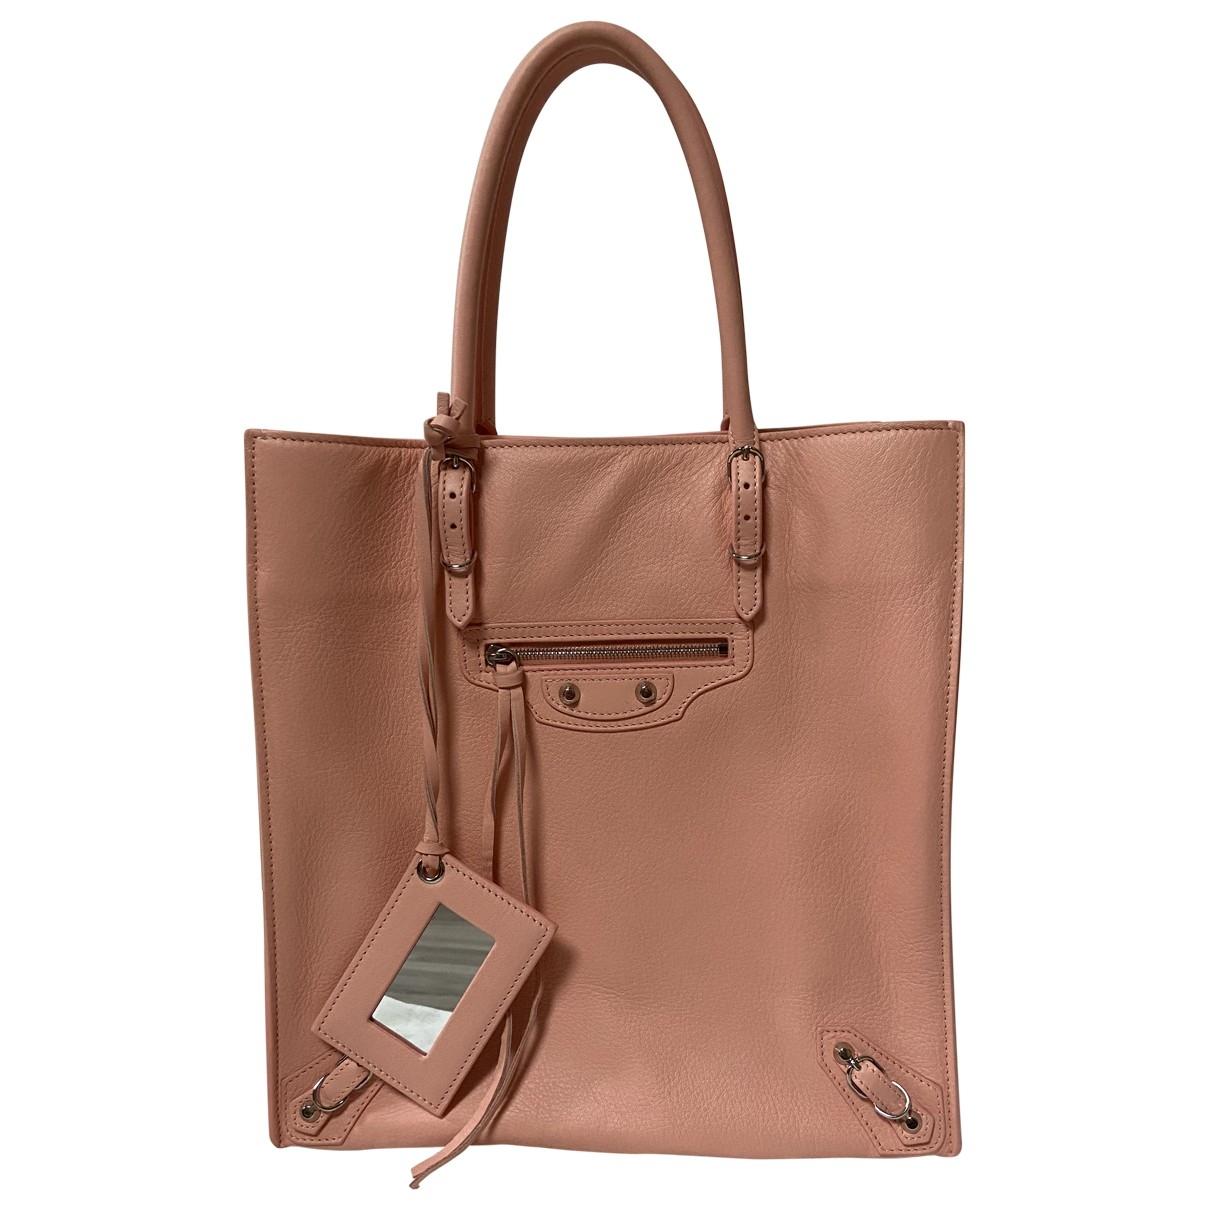 Balenciaga - Sac a main Papier pour femme en cuir - rose